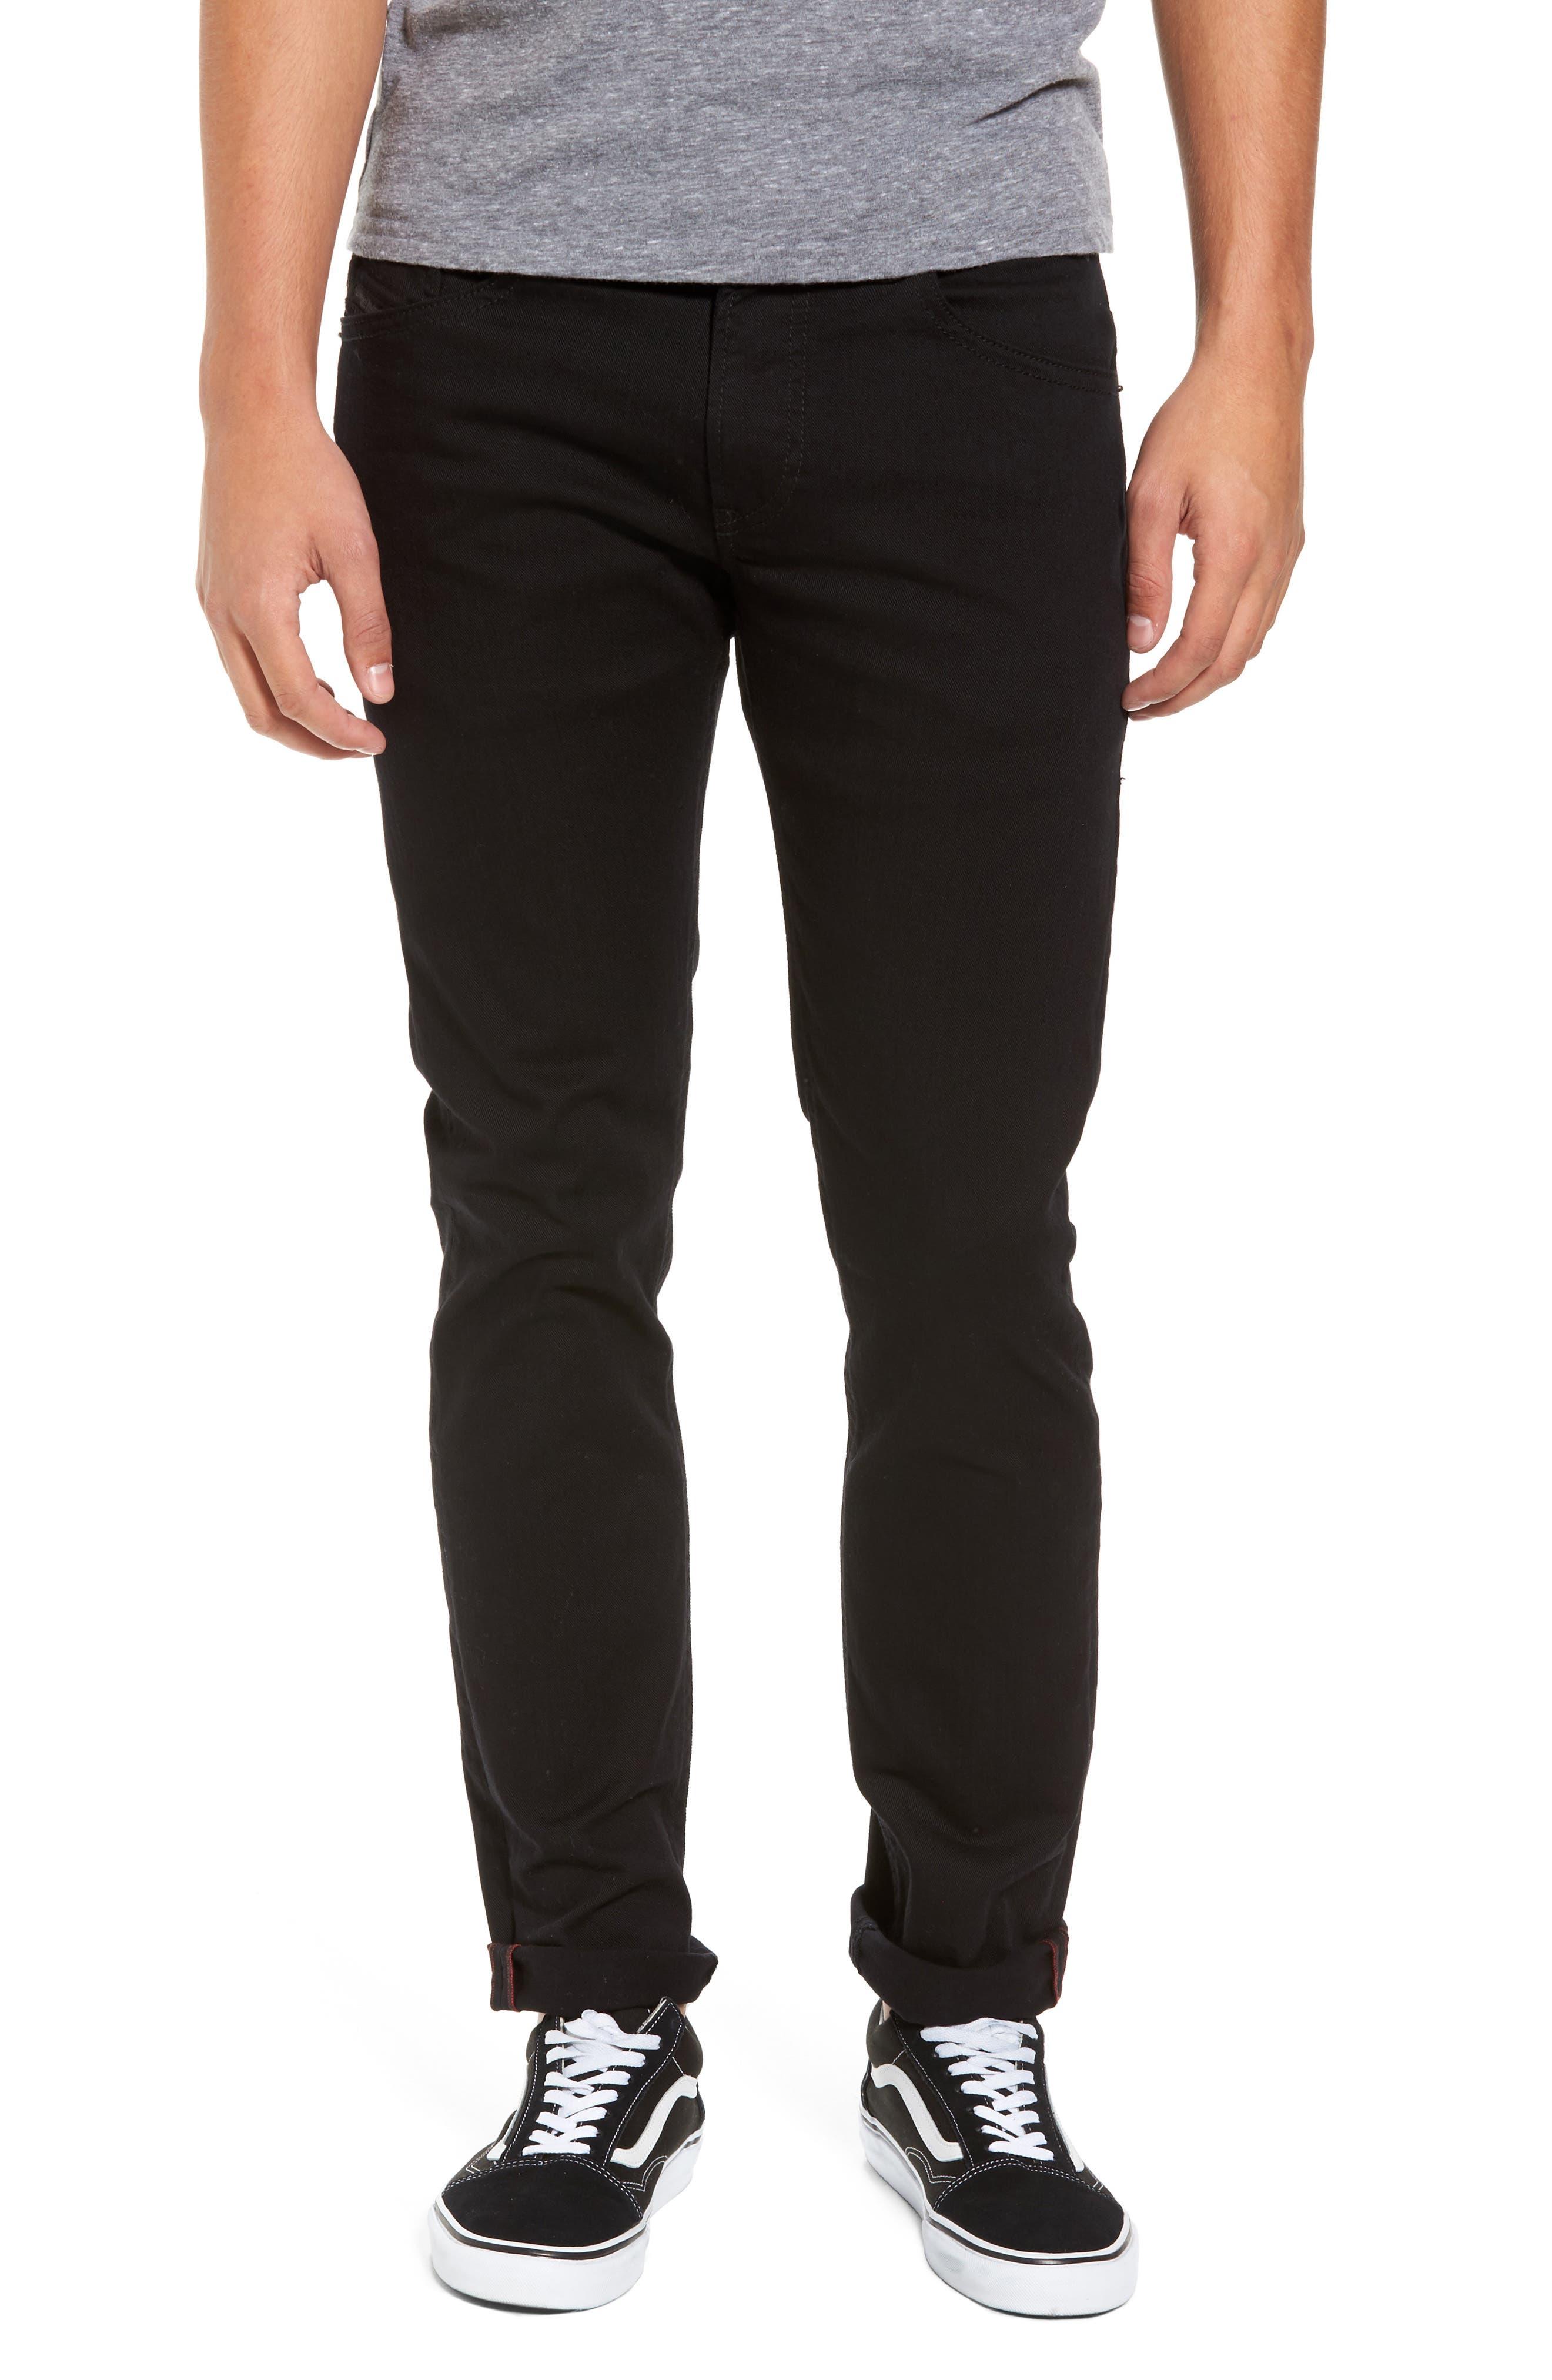 Thommer Slim Fit Jeans,                         Main,                         color, Black/ Denim